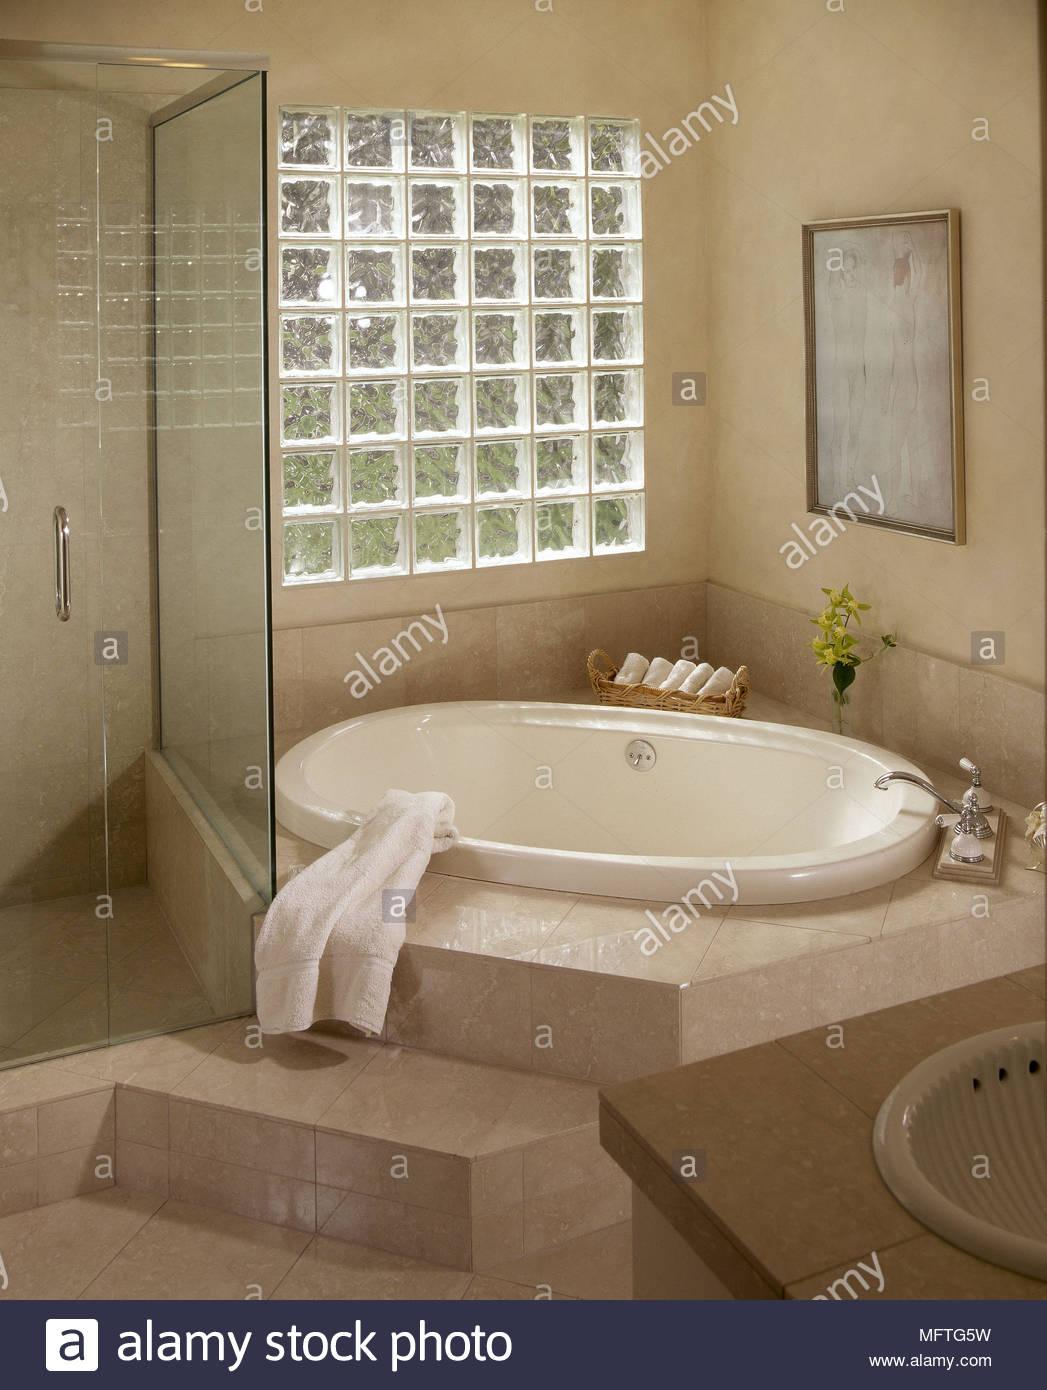 Full Size of Kleine Moderne Duschen Dusche Bilder Ebenerdig Gefliest Gemauert Fliesen Bodengleiche Ohne Begehbare Badezimmer Modernes Eingelassene Badewanne Glasbaustein Dusche Moderne Duschen